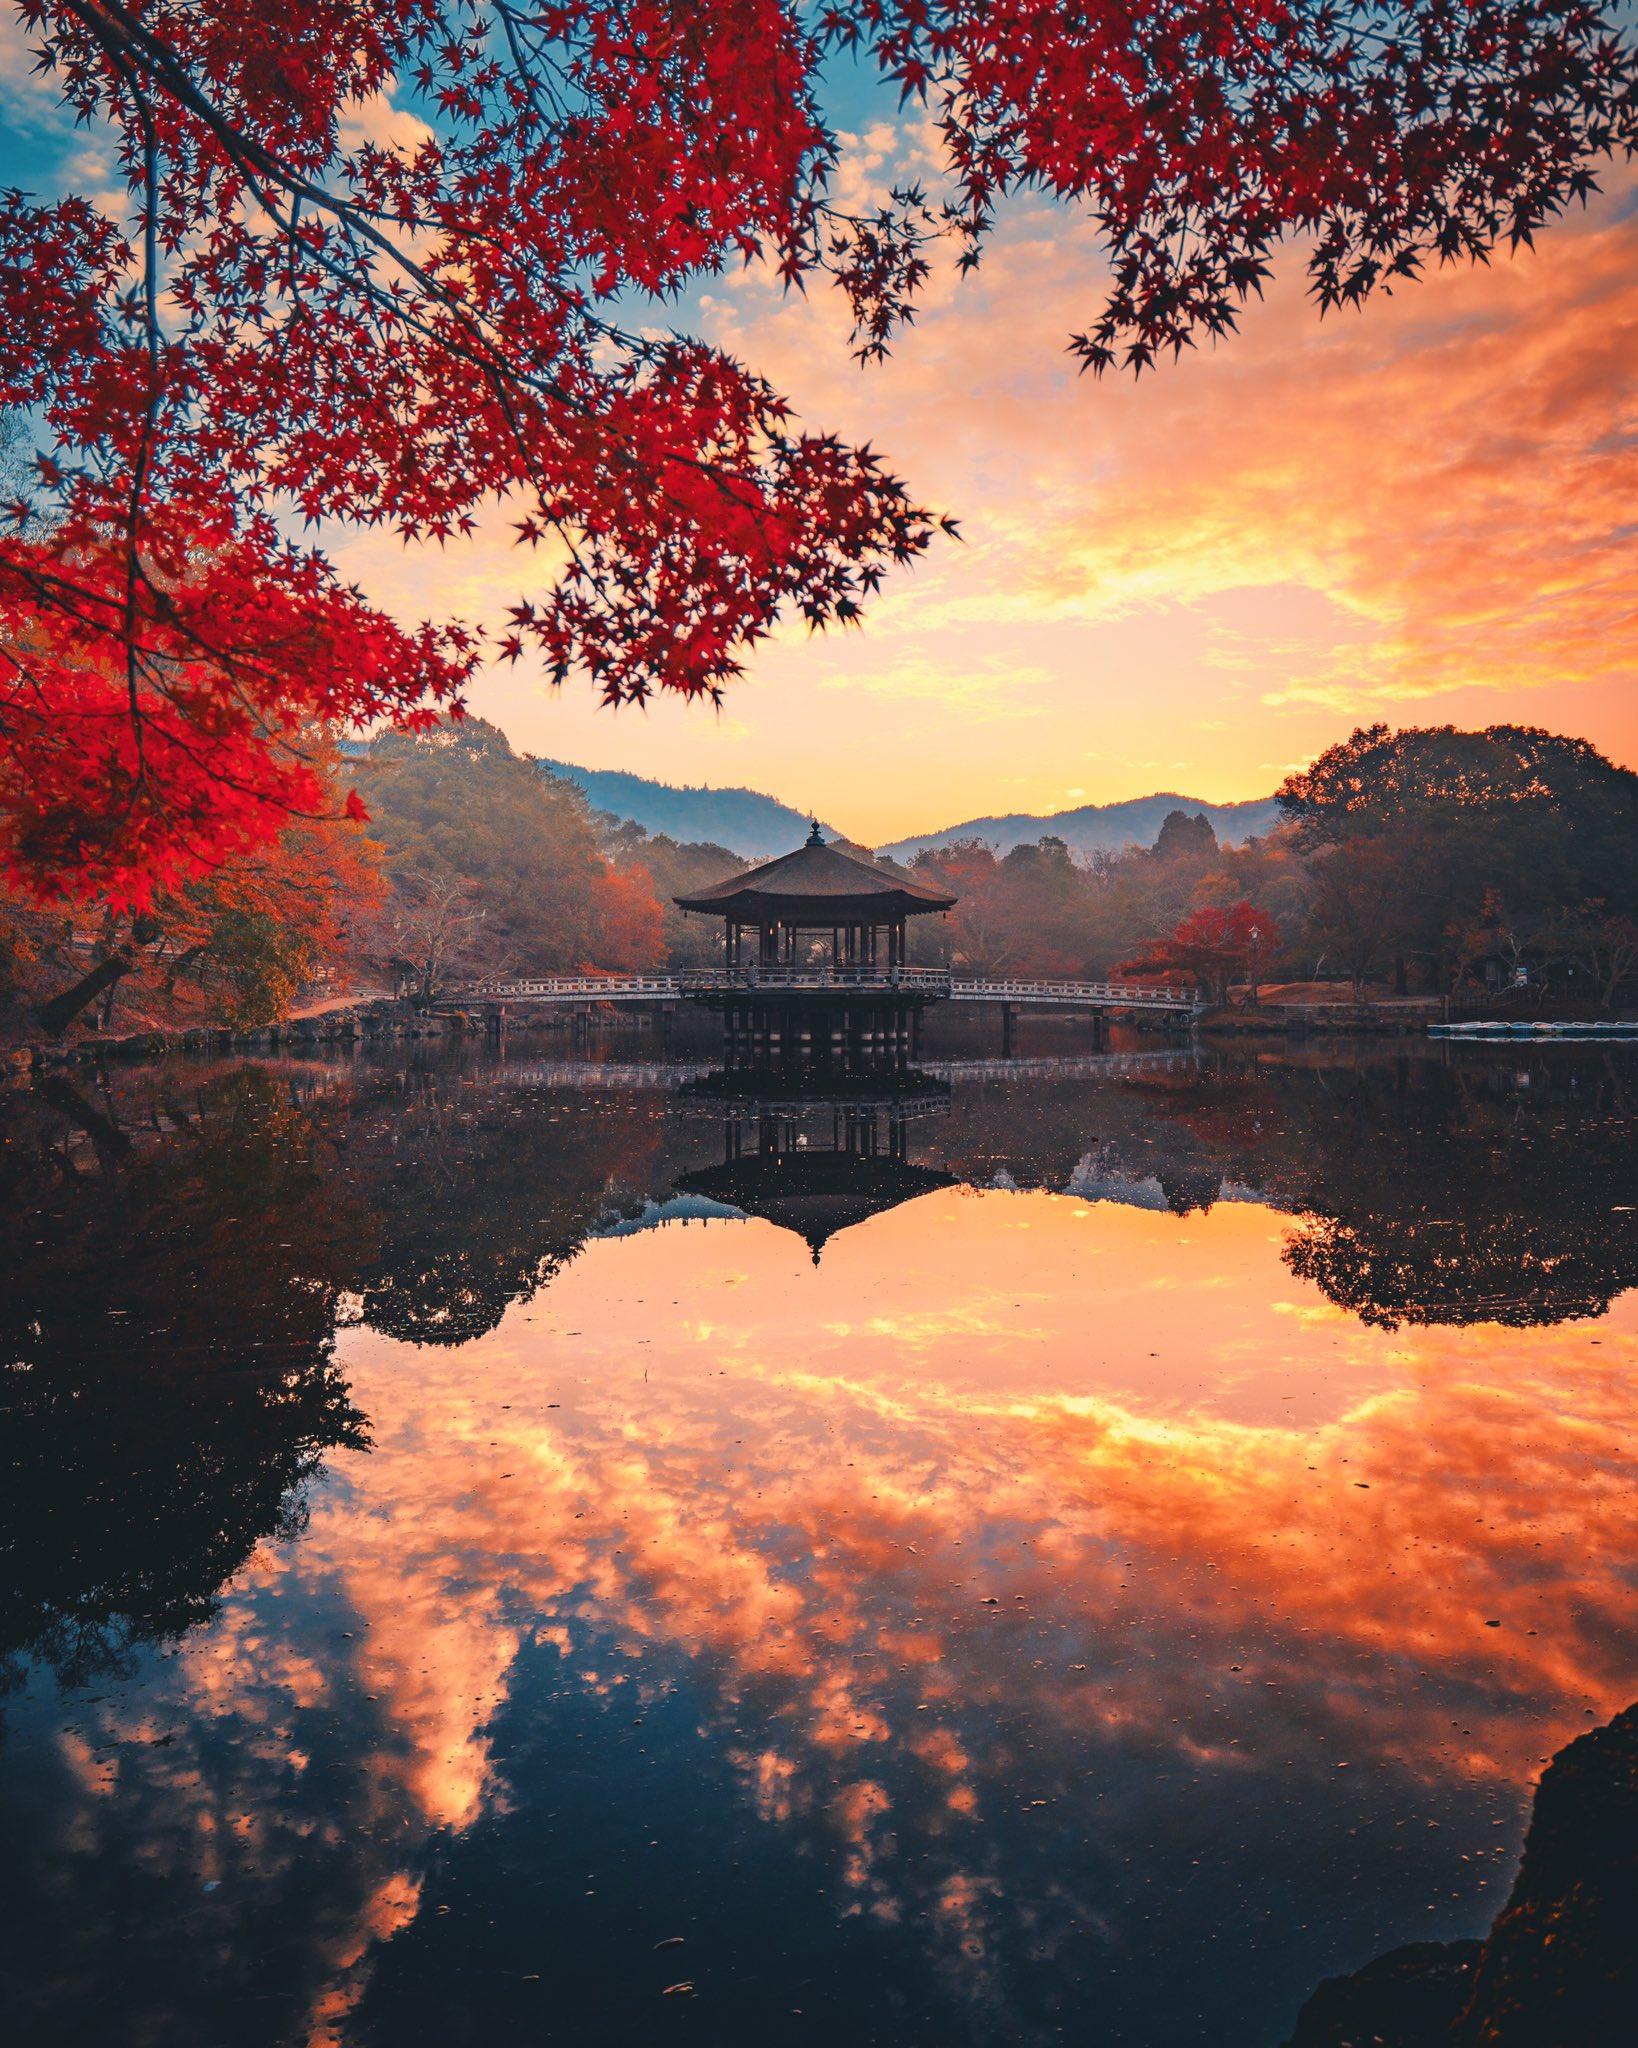 滞在20時間の弾丸ツアーで、京都&奈良を撮りに行った成果を見てください🍁📸